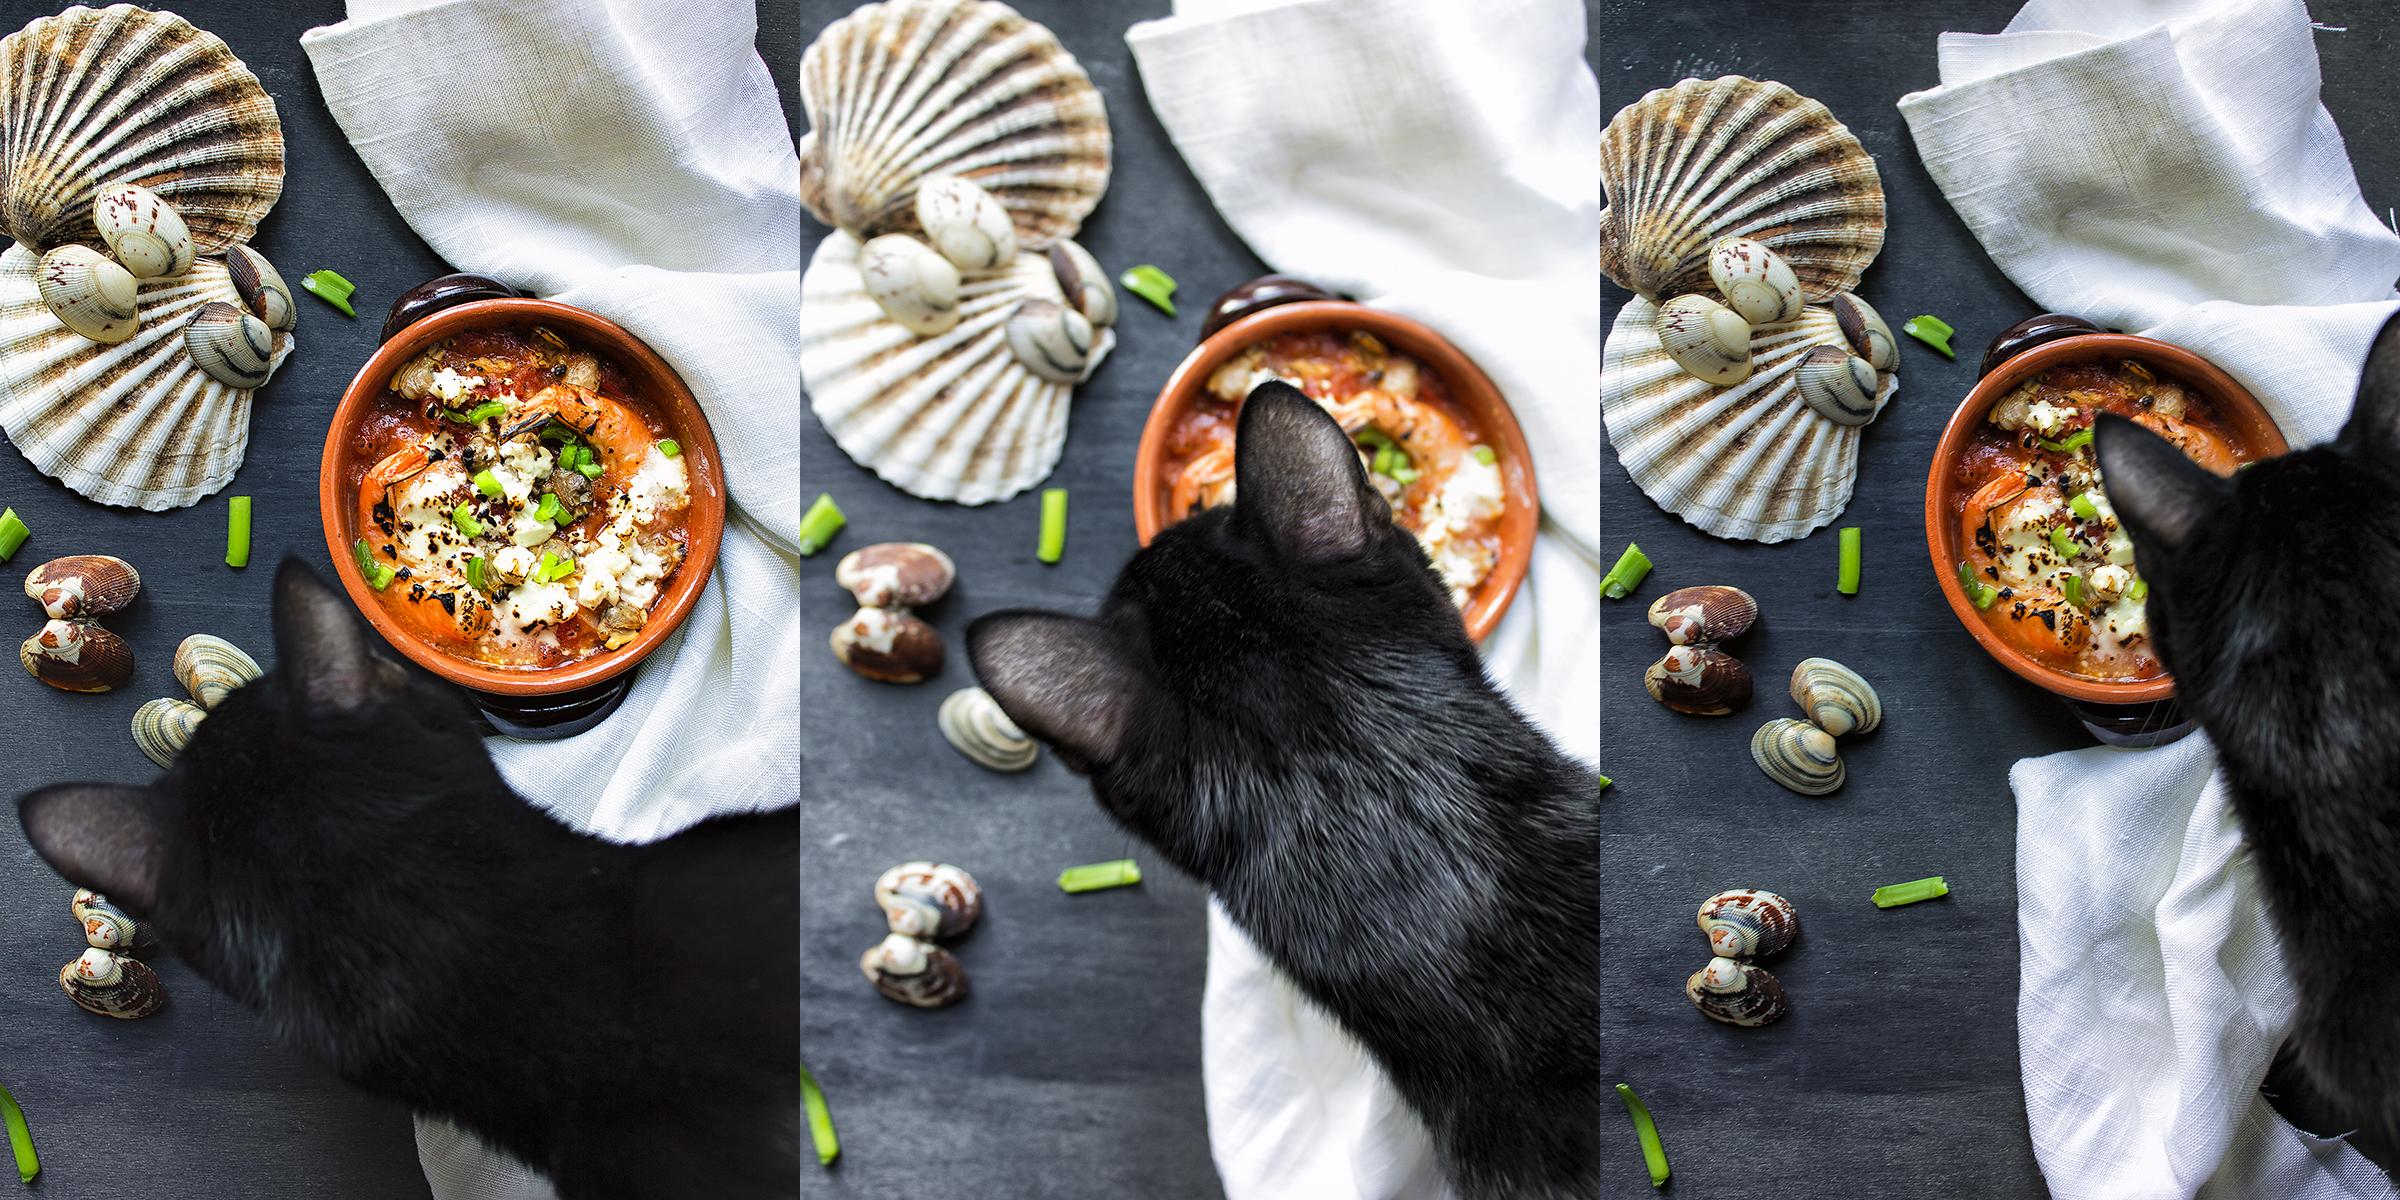 frutti-di-mare-in zuppetta-con-pomodorini-e-feta-4-contemporaneo-food